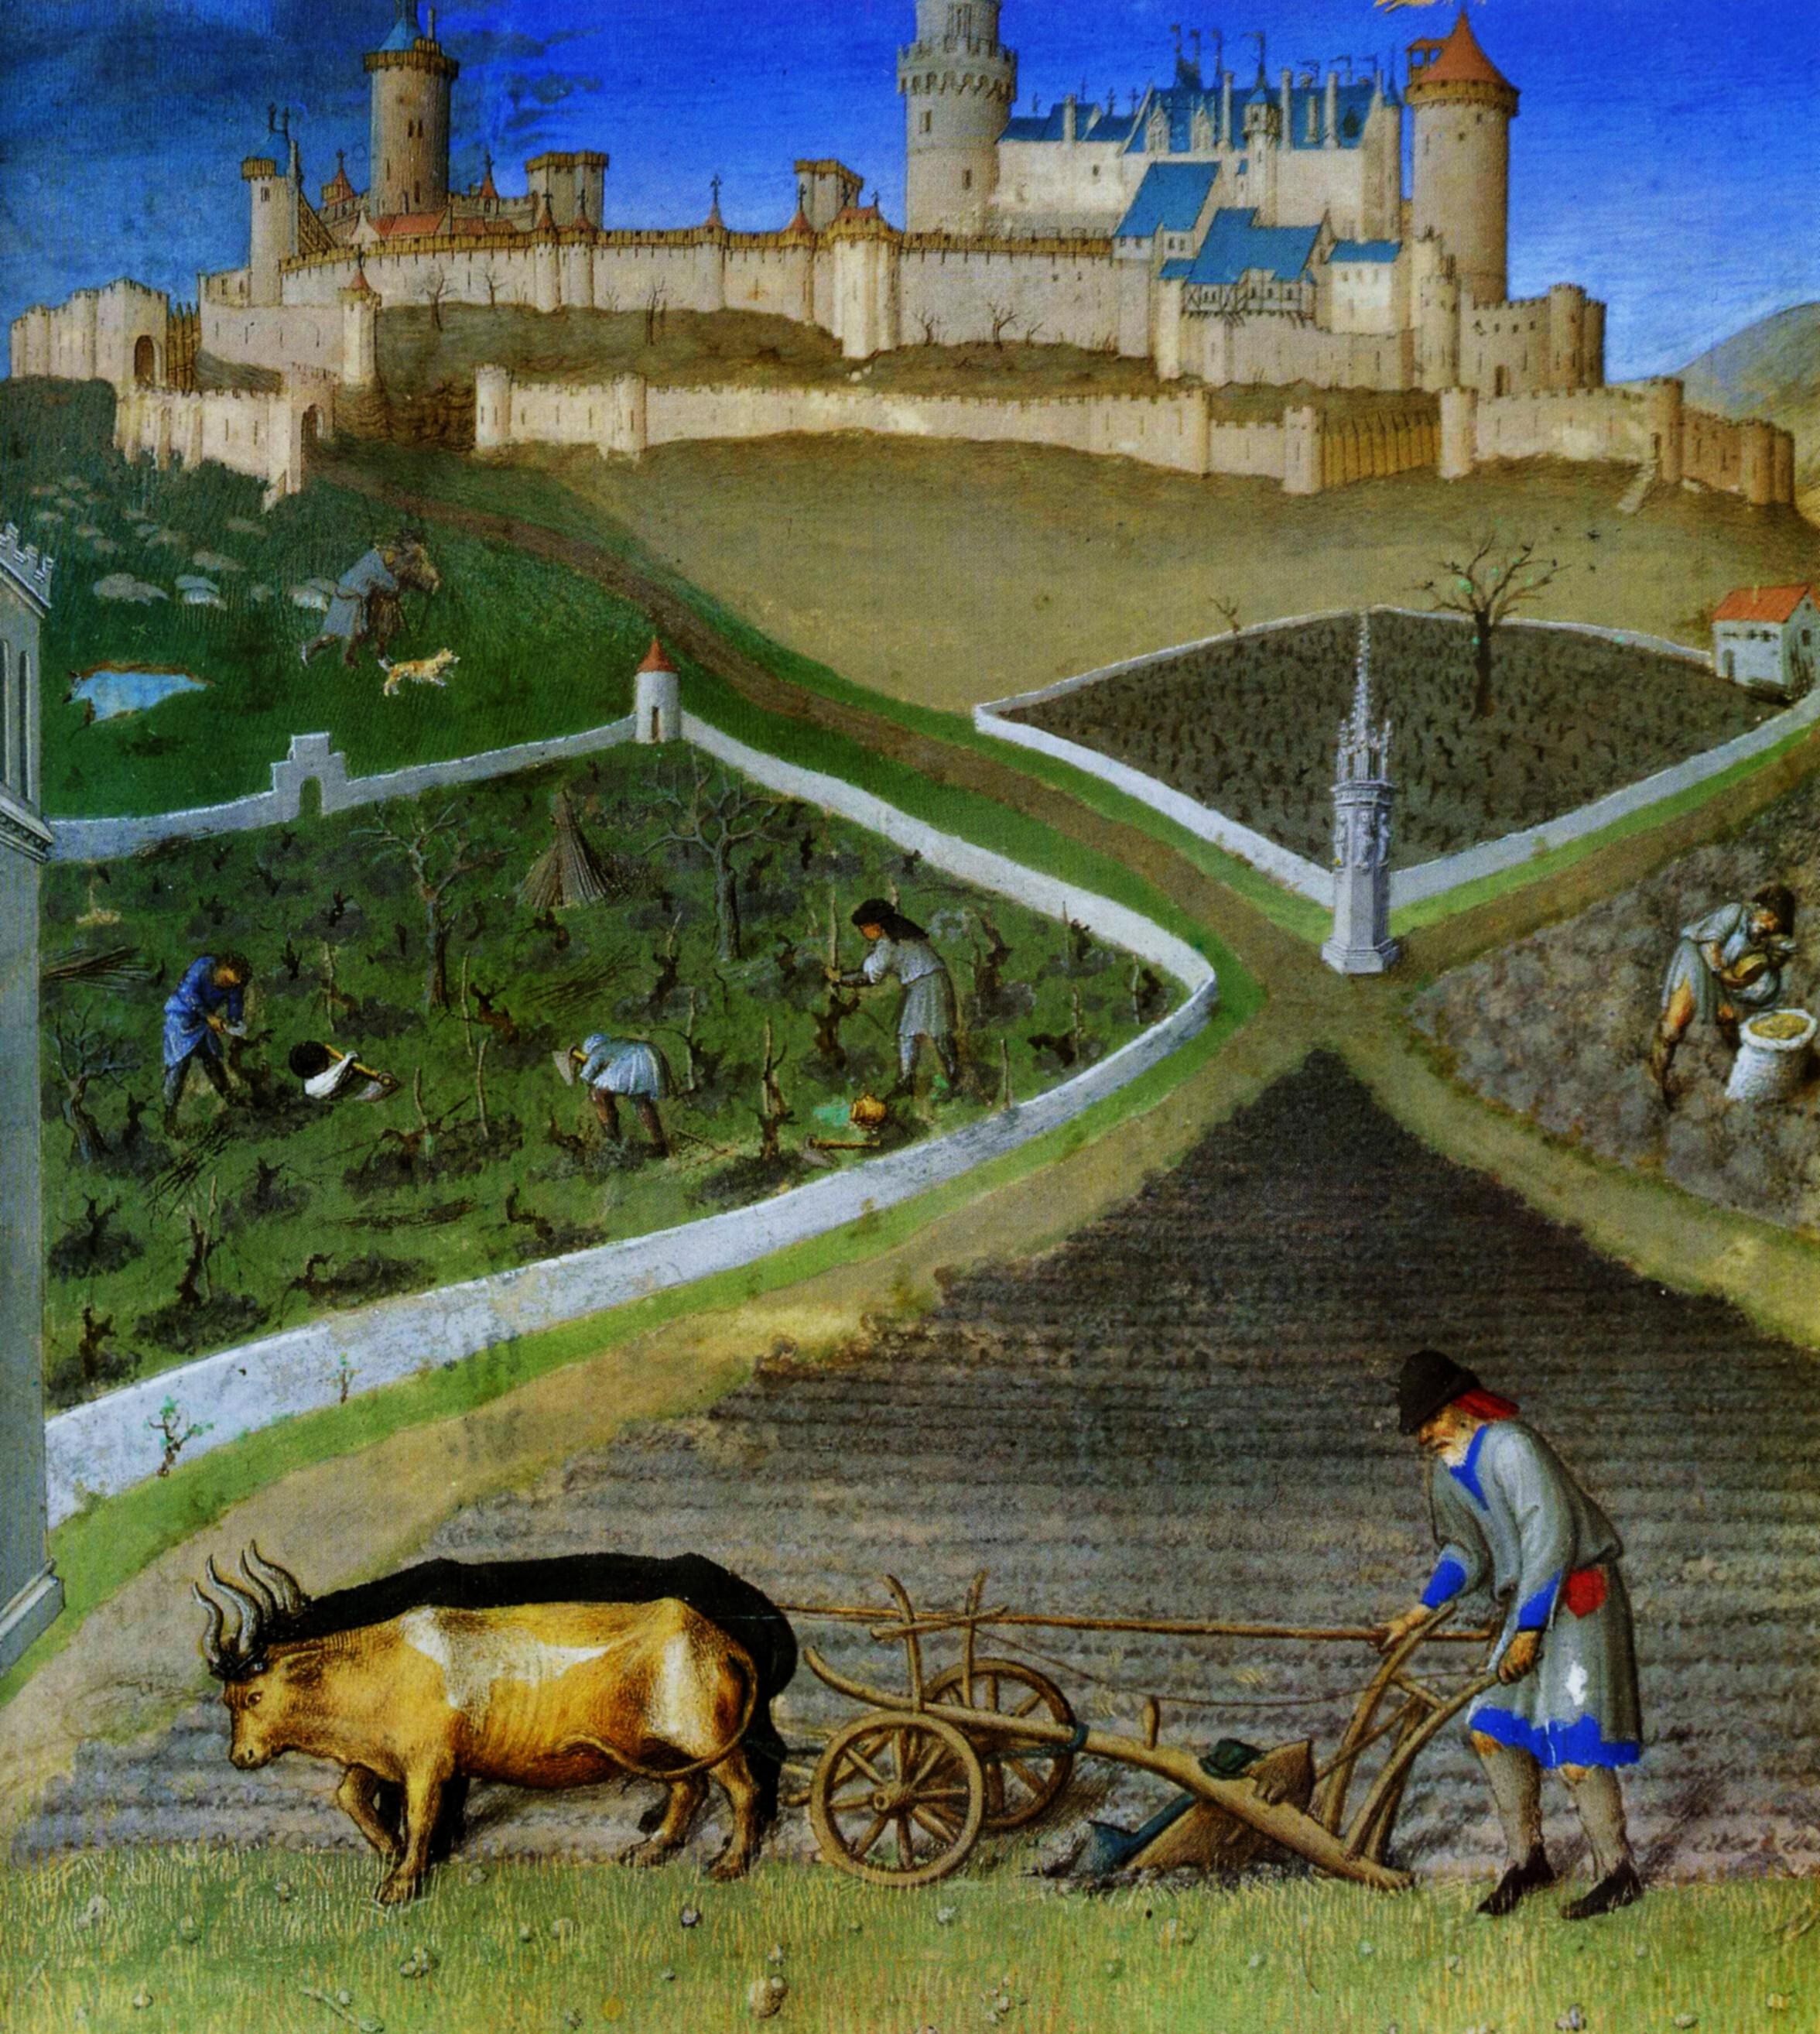 demise of feudalism essay